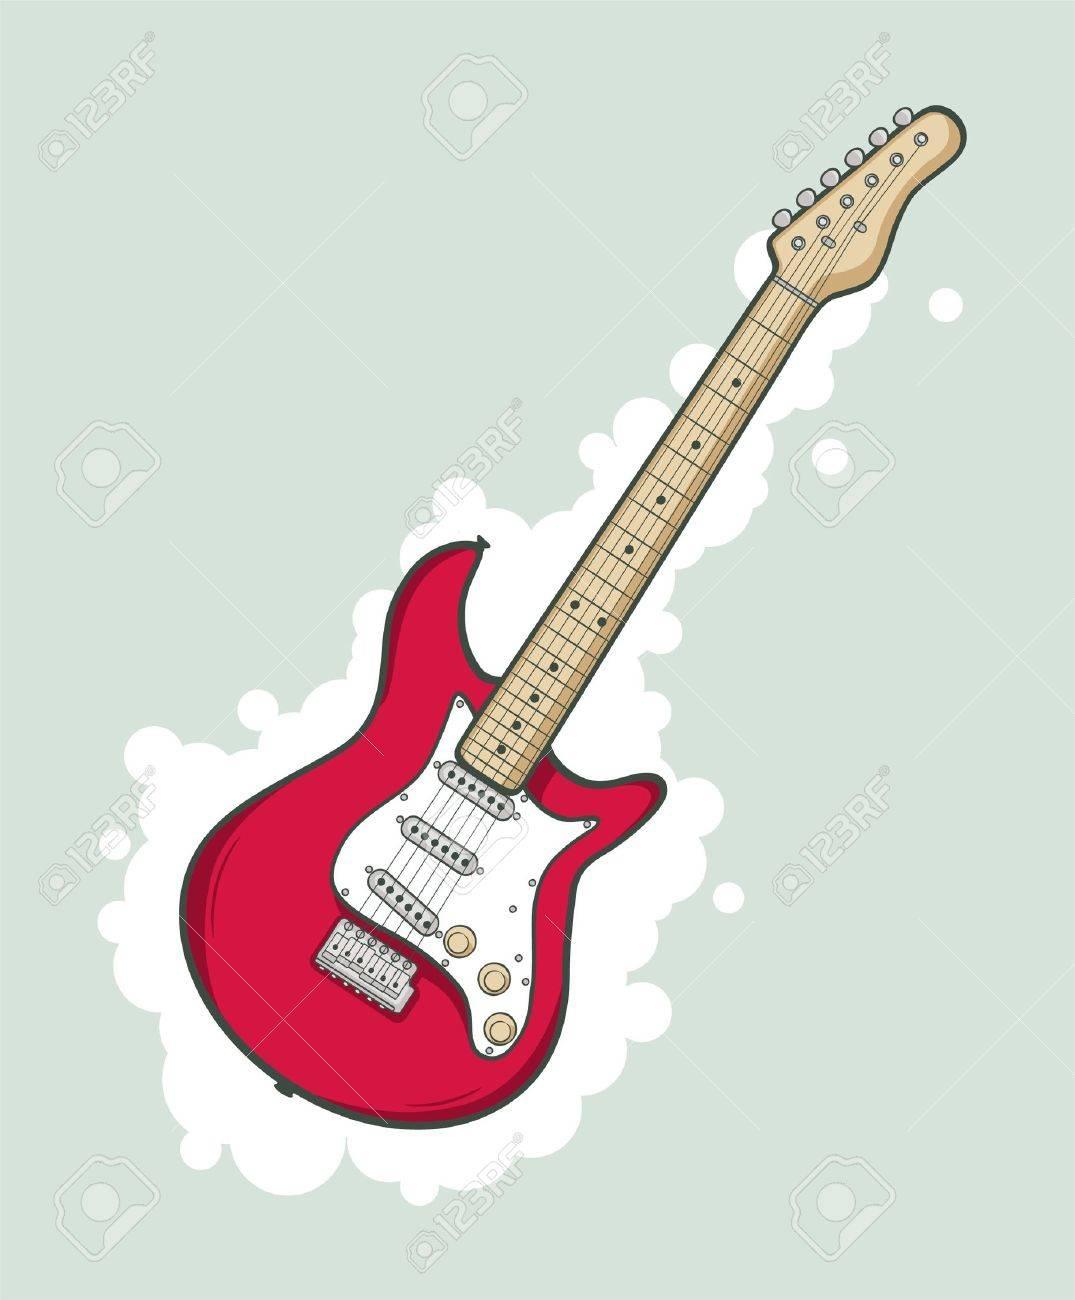 Stylise Guitare Electrique De Couleur Rose Clip Art Libres De Droits Vecteurs Et Illustration Image 10203840